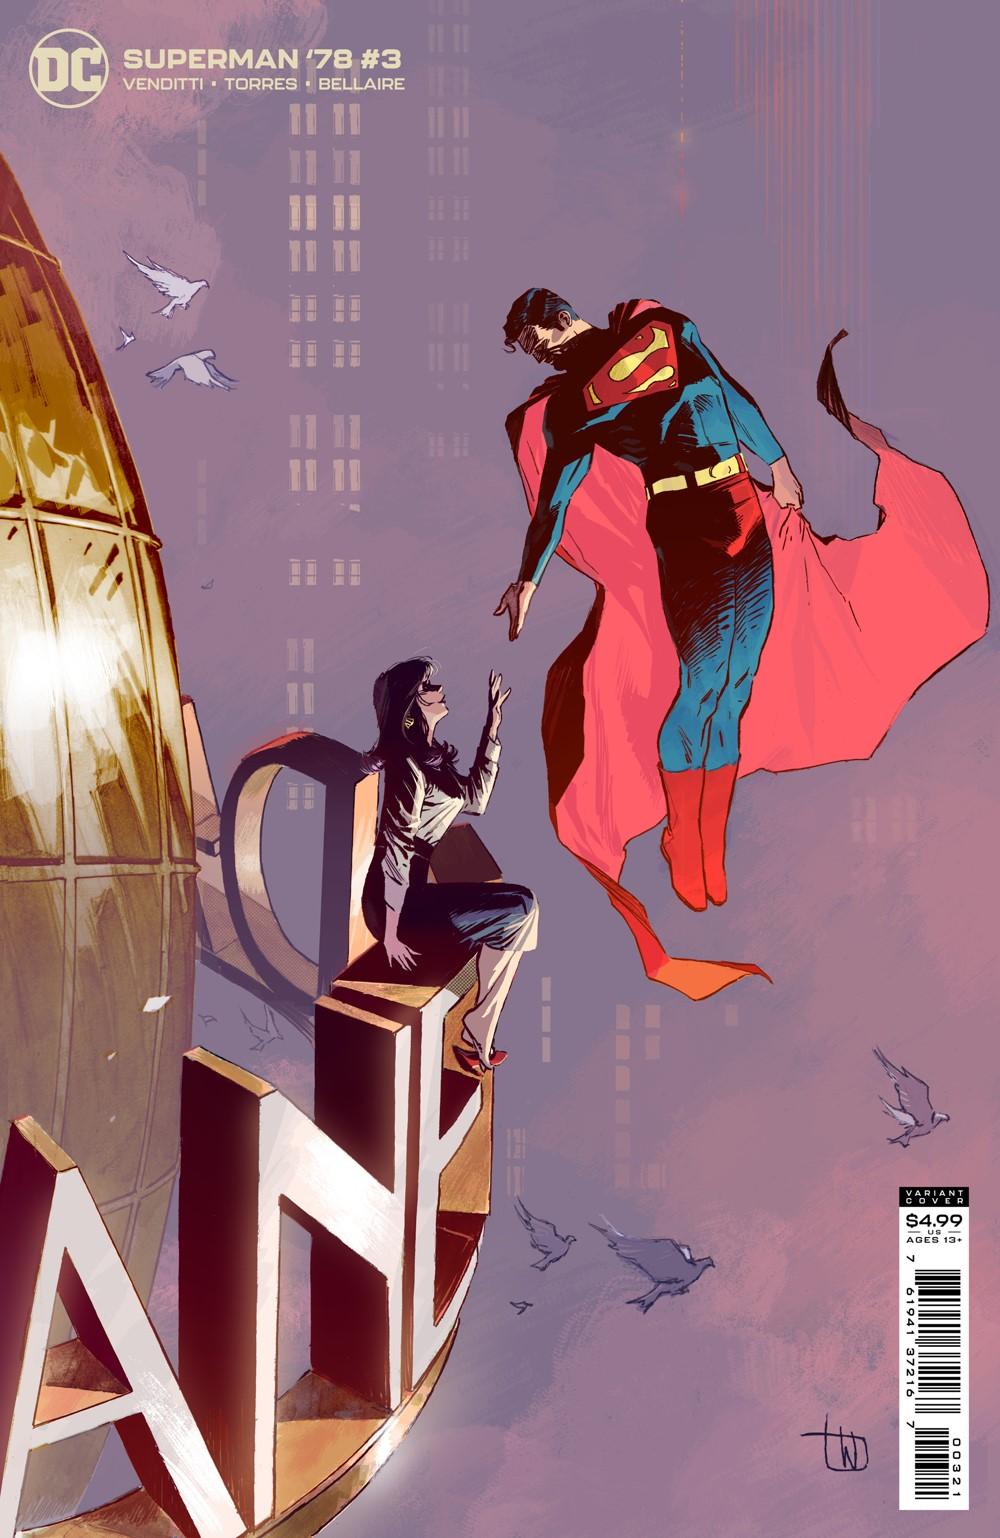 SM78_Cv3_var_00321 DC Comics October 2021 Solicitations